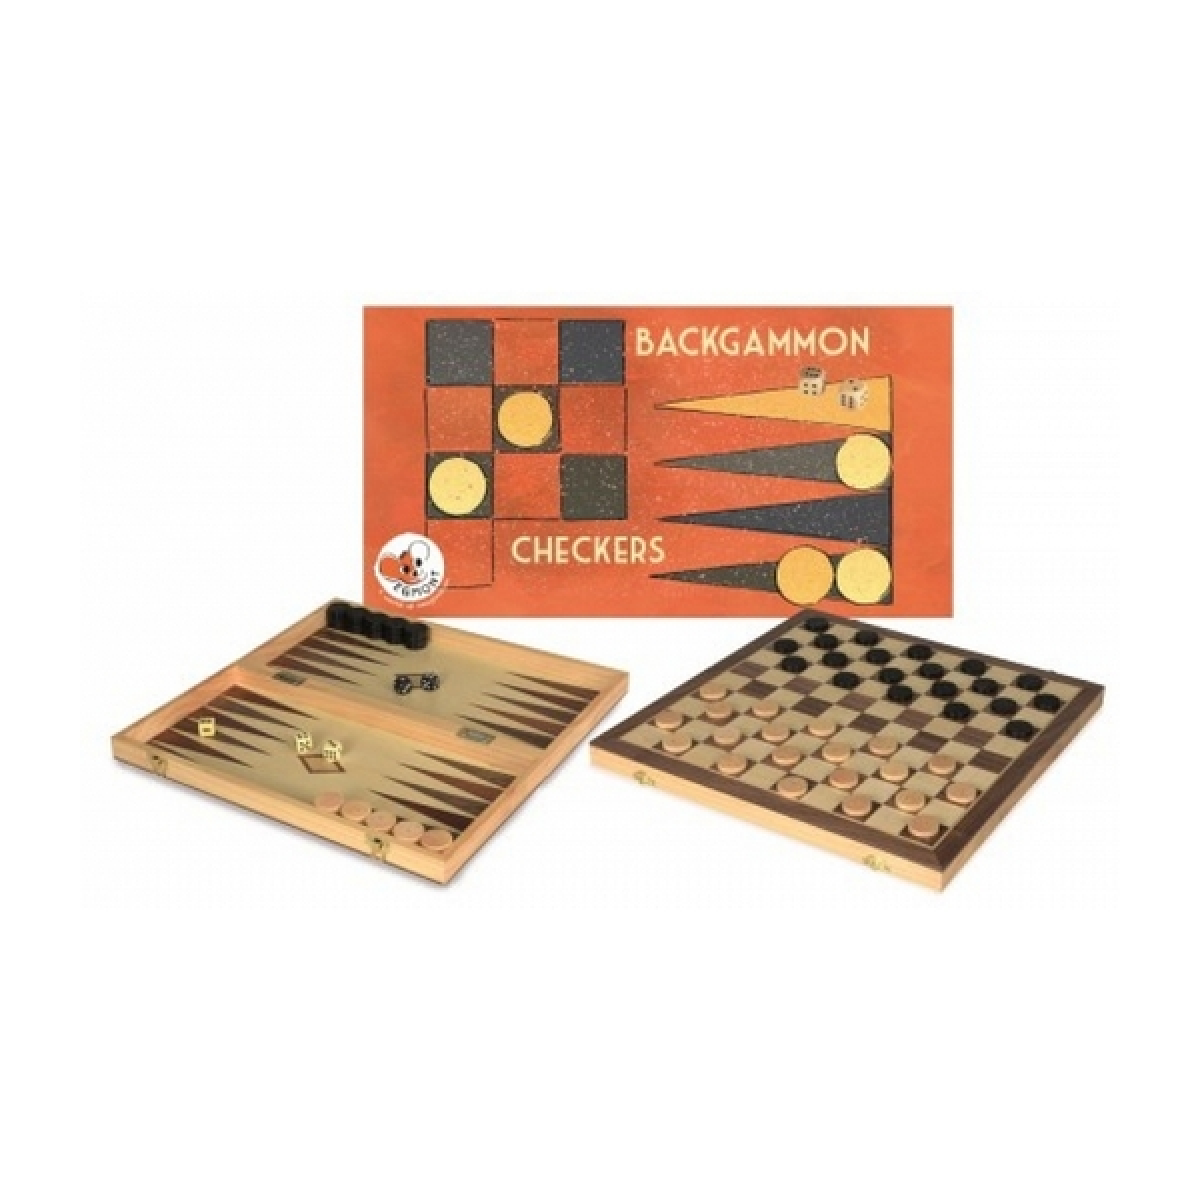 Egmont Toys - Jeu de dames et backgammon